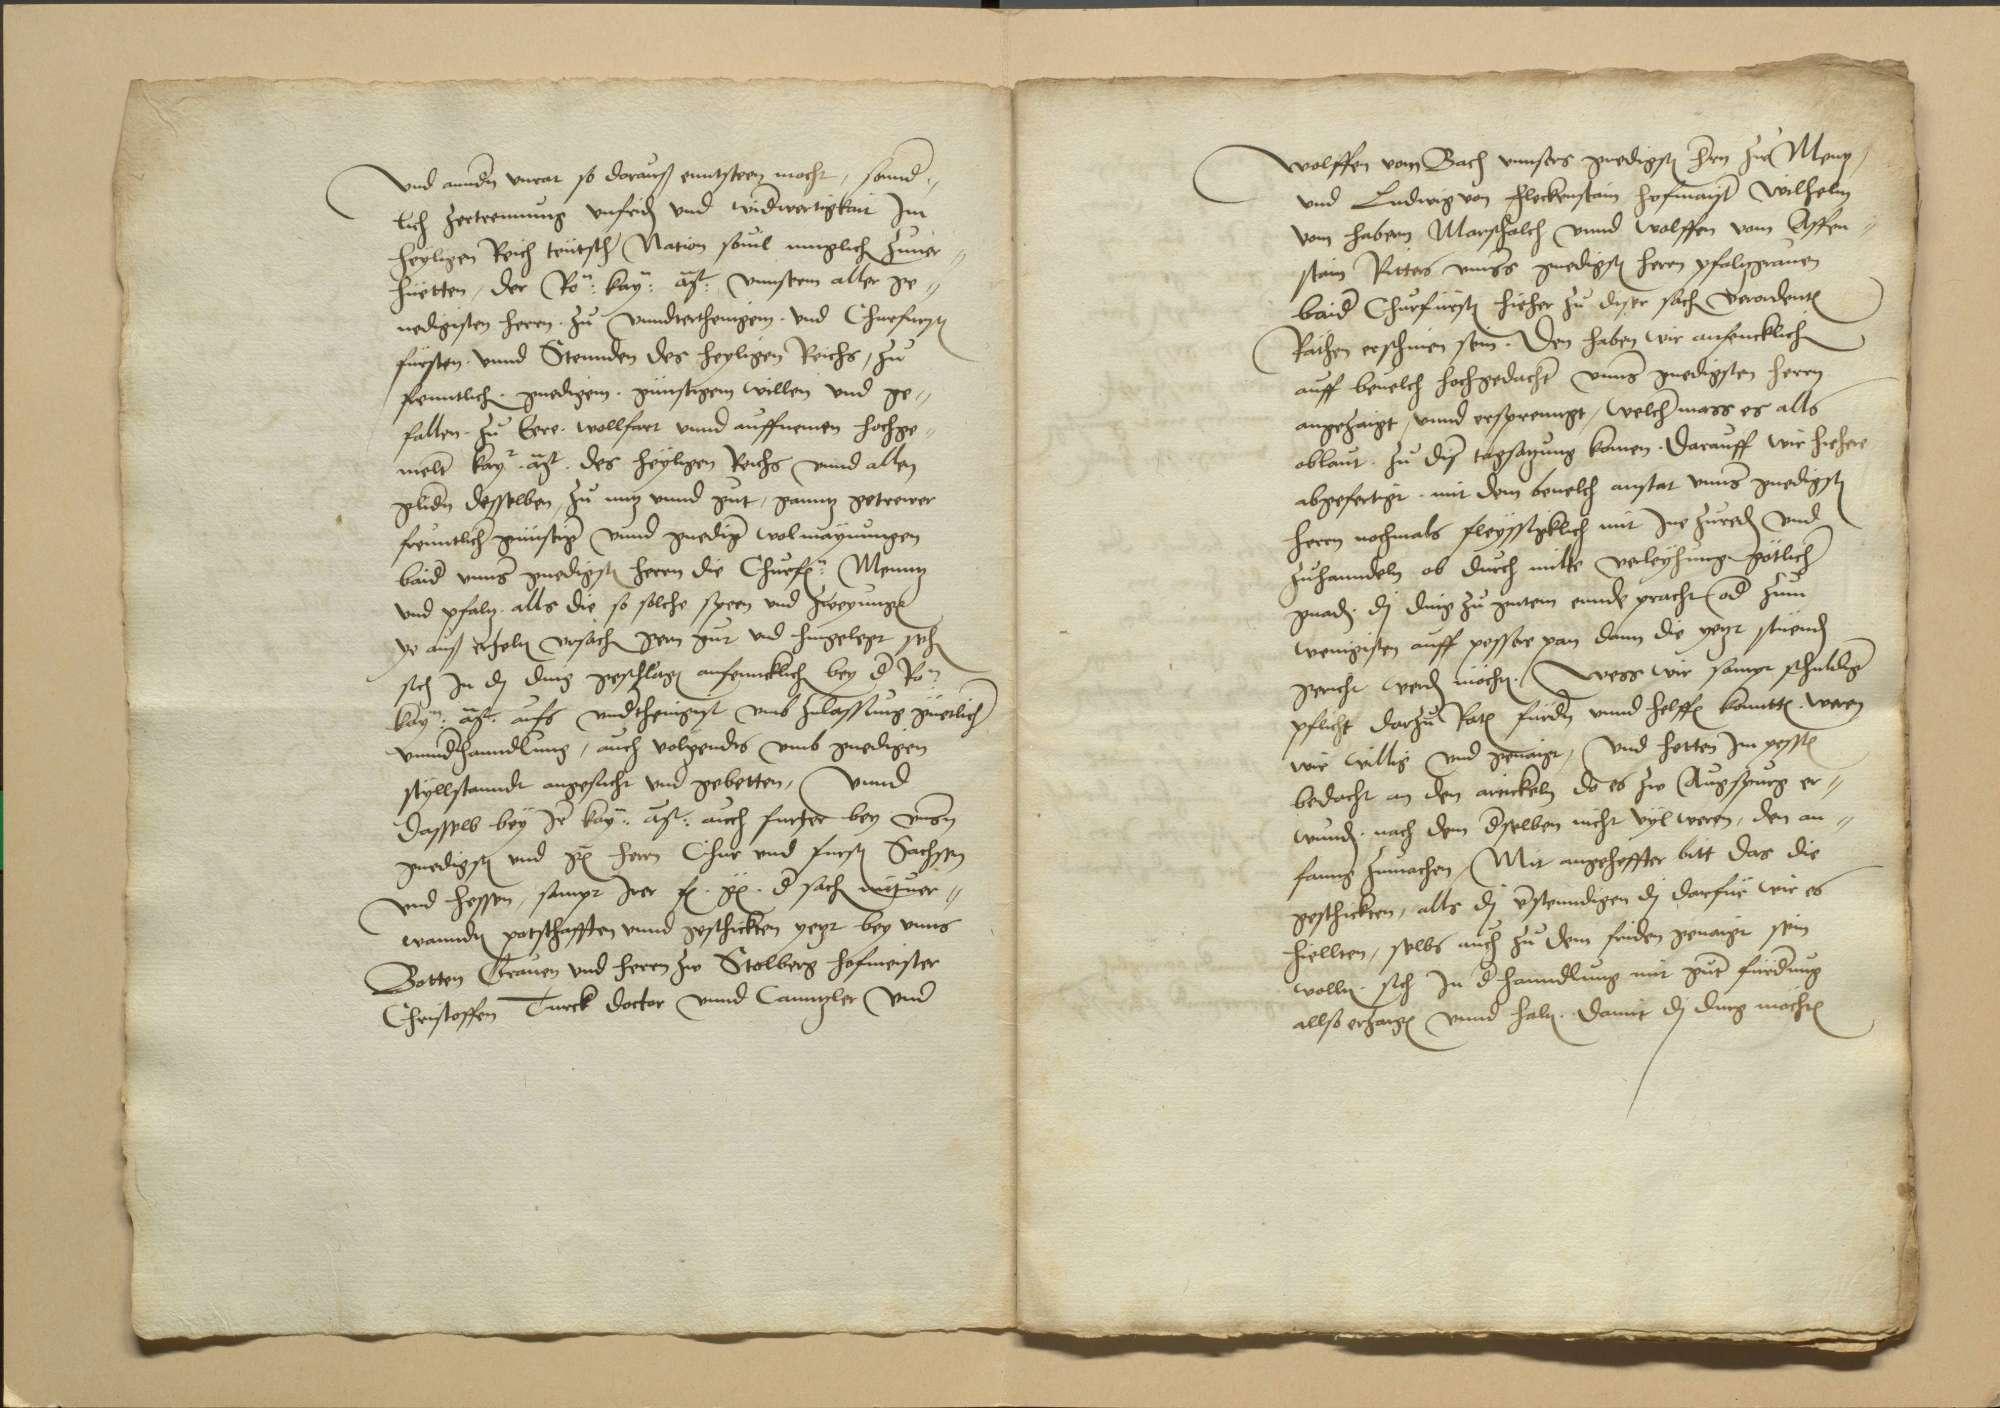 Unterhandlungen des Albrecht, Erzbischof zu Mainz, und des Kurfürsten Ludwig von der Pfalz mit den protestantischen Ständen zu Schmalkalden am Freitag St. Ägidien-Tag 1531, Bild 3